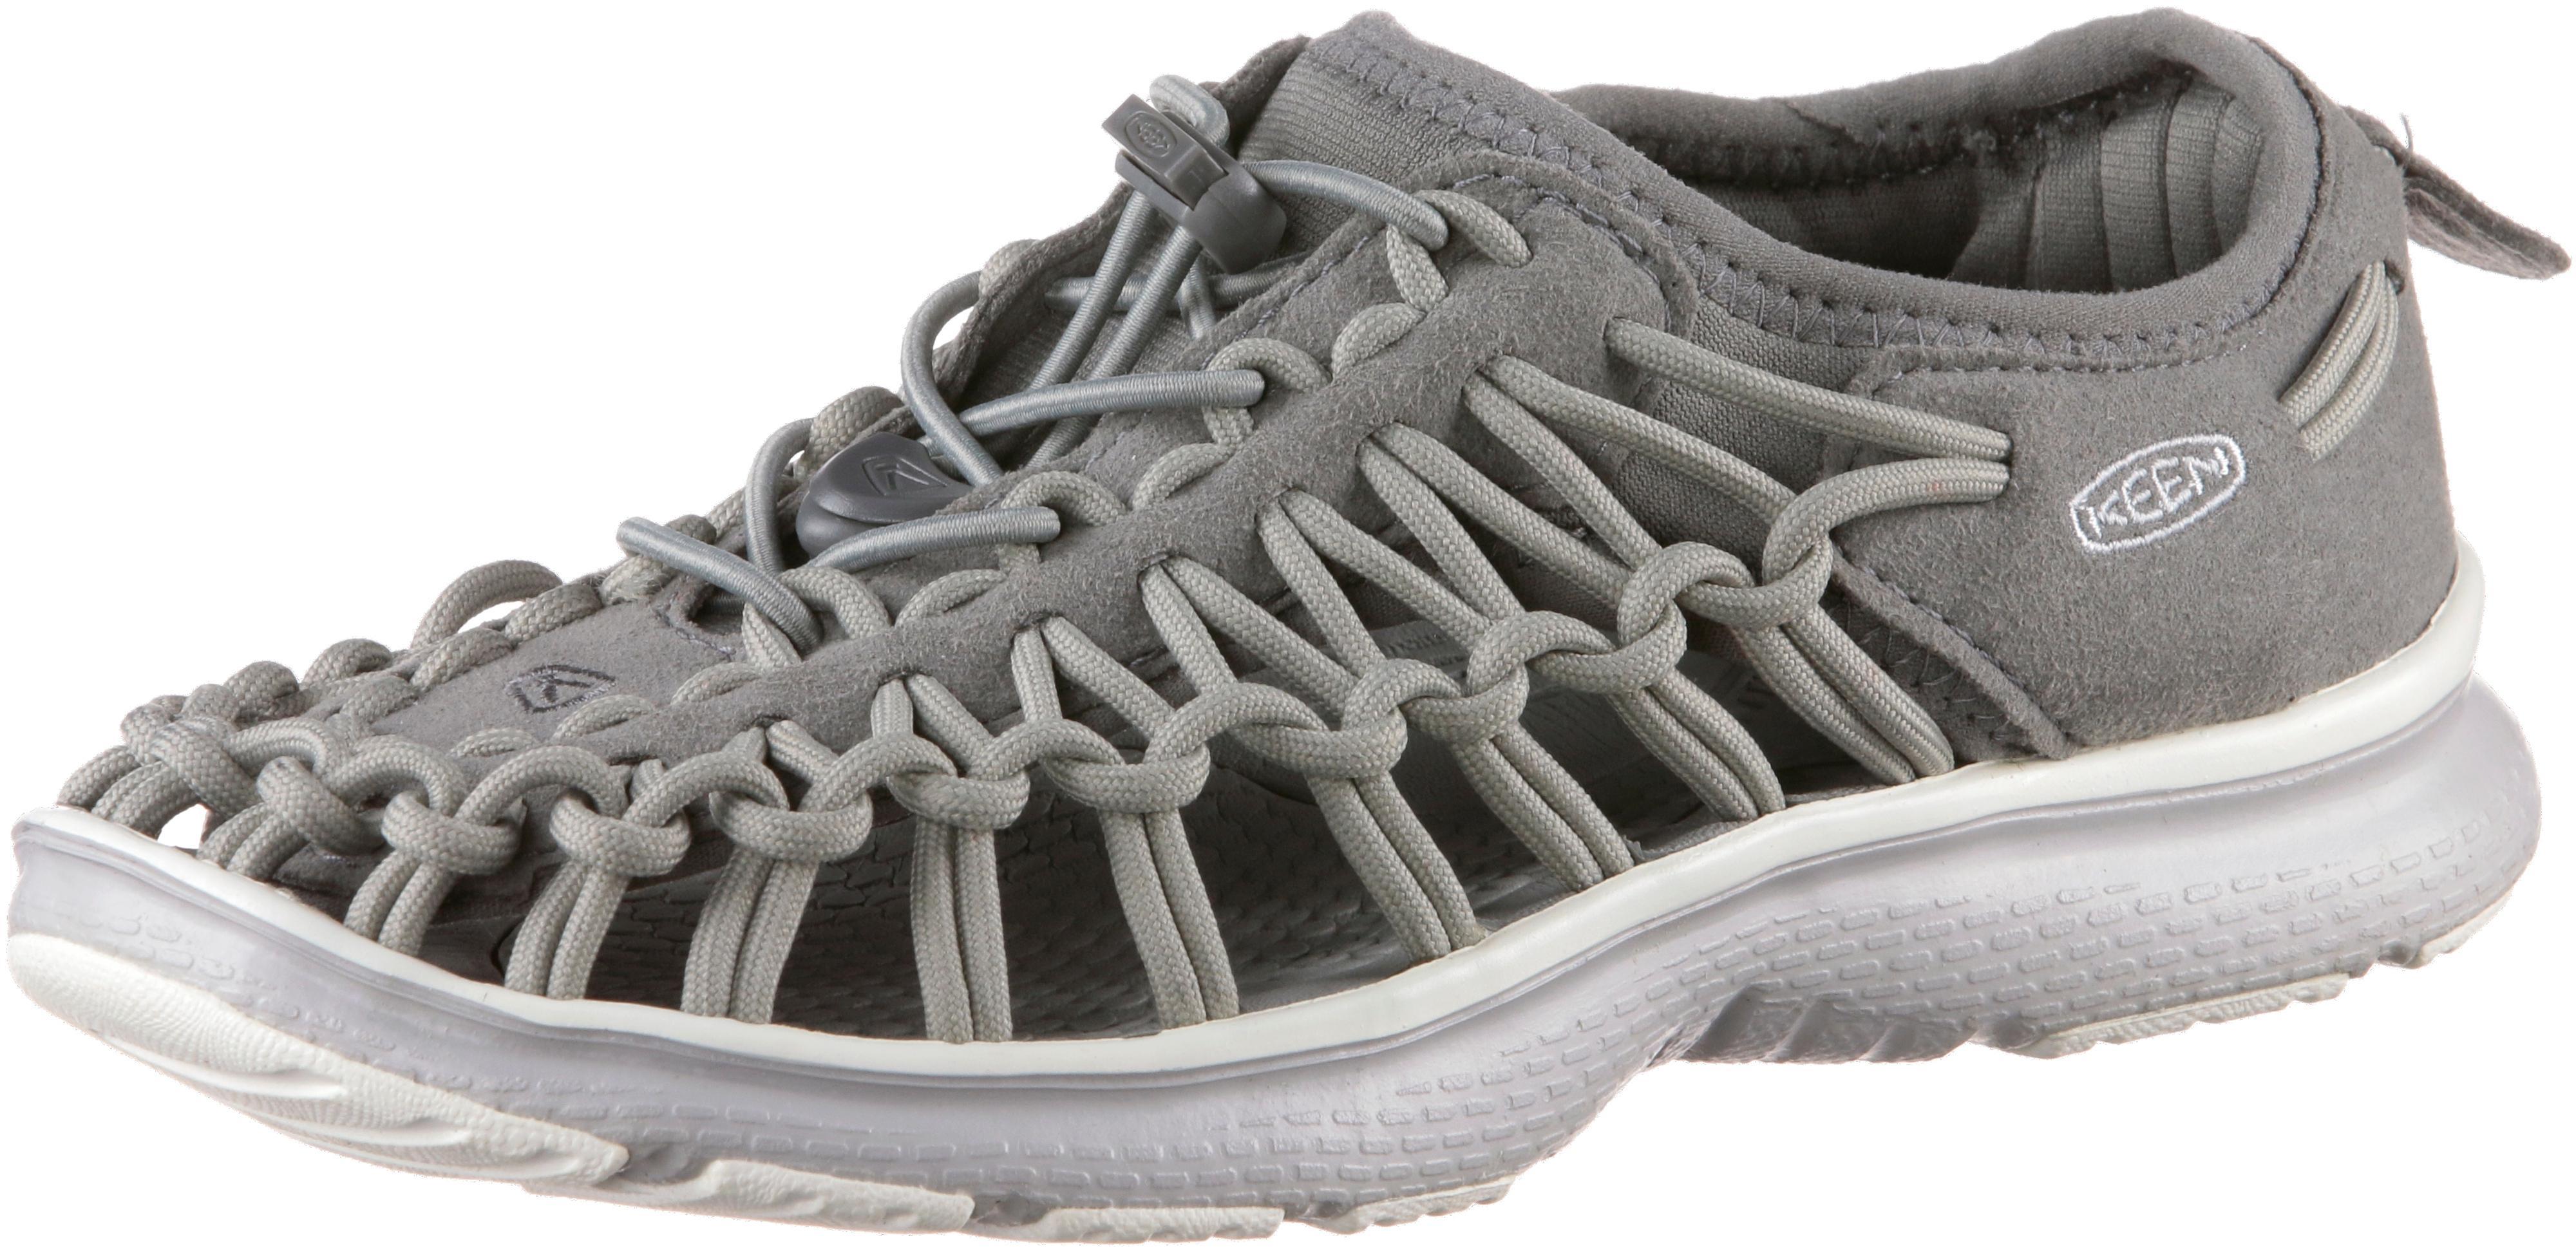 Schuhe Online Kaufen Über Shop24 Günstig atShop24 0P8wnOk